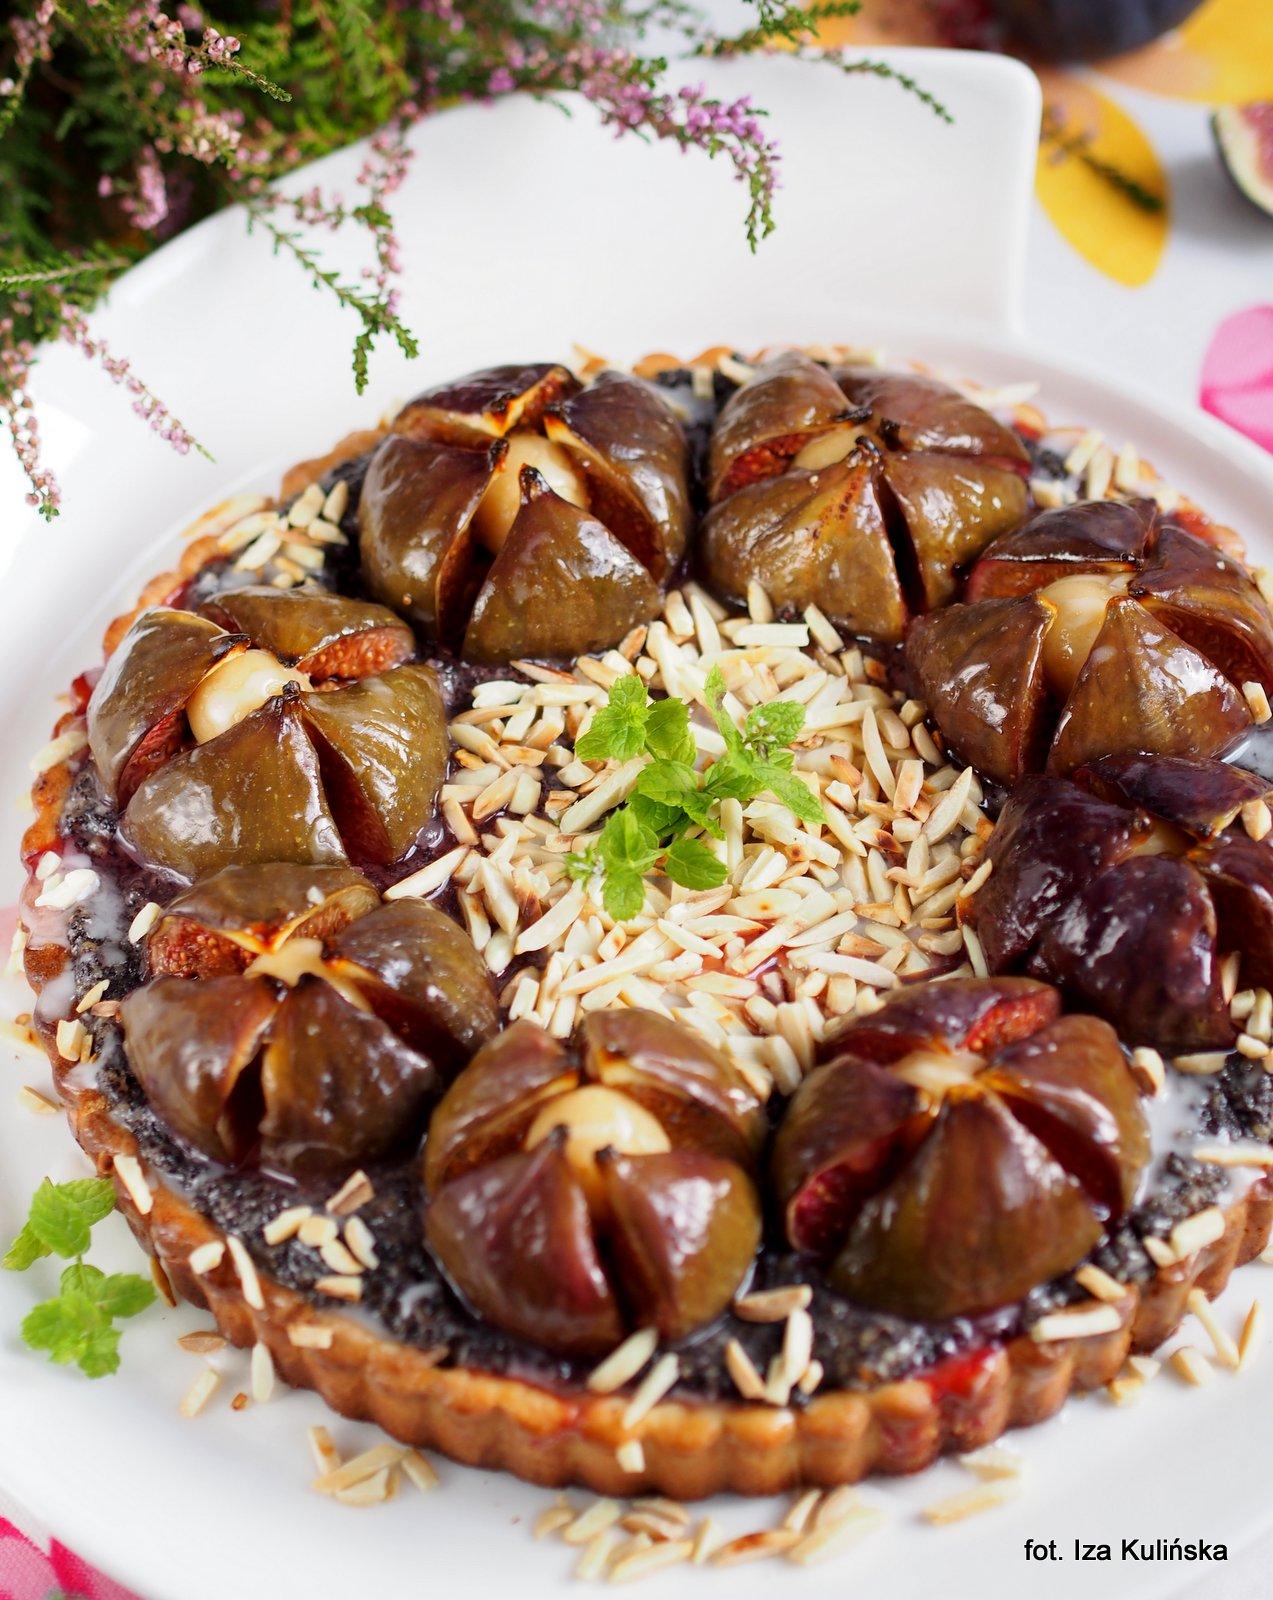 tarta makowa z figami, ciasto makowe, krucha tarta, kruche ciasto, figa z makiem, smaczna pyza